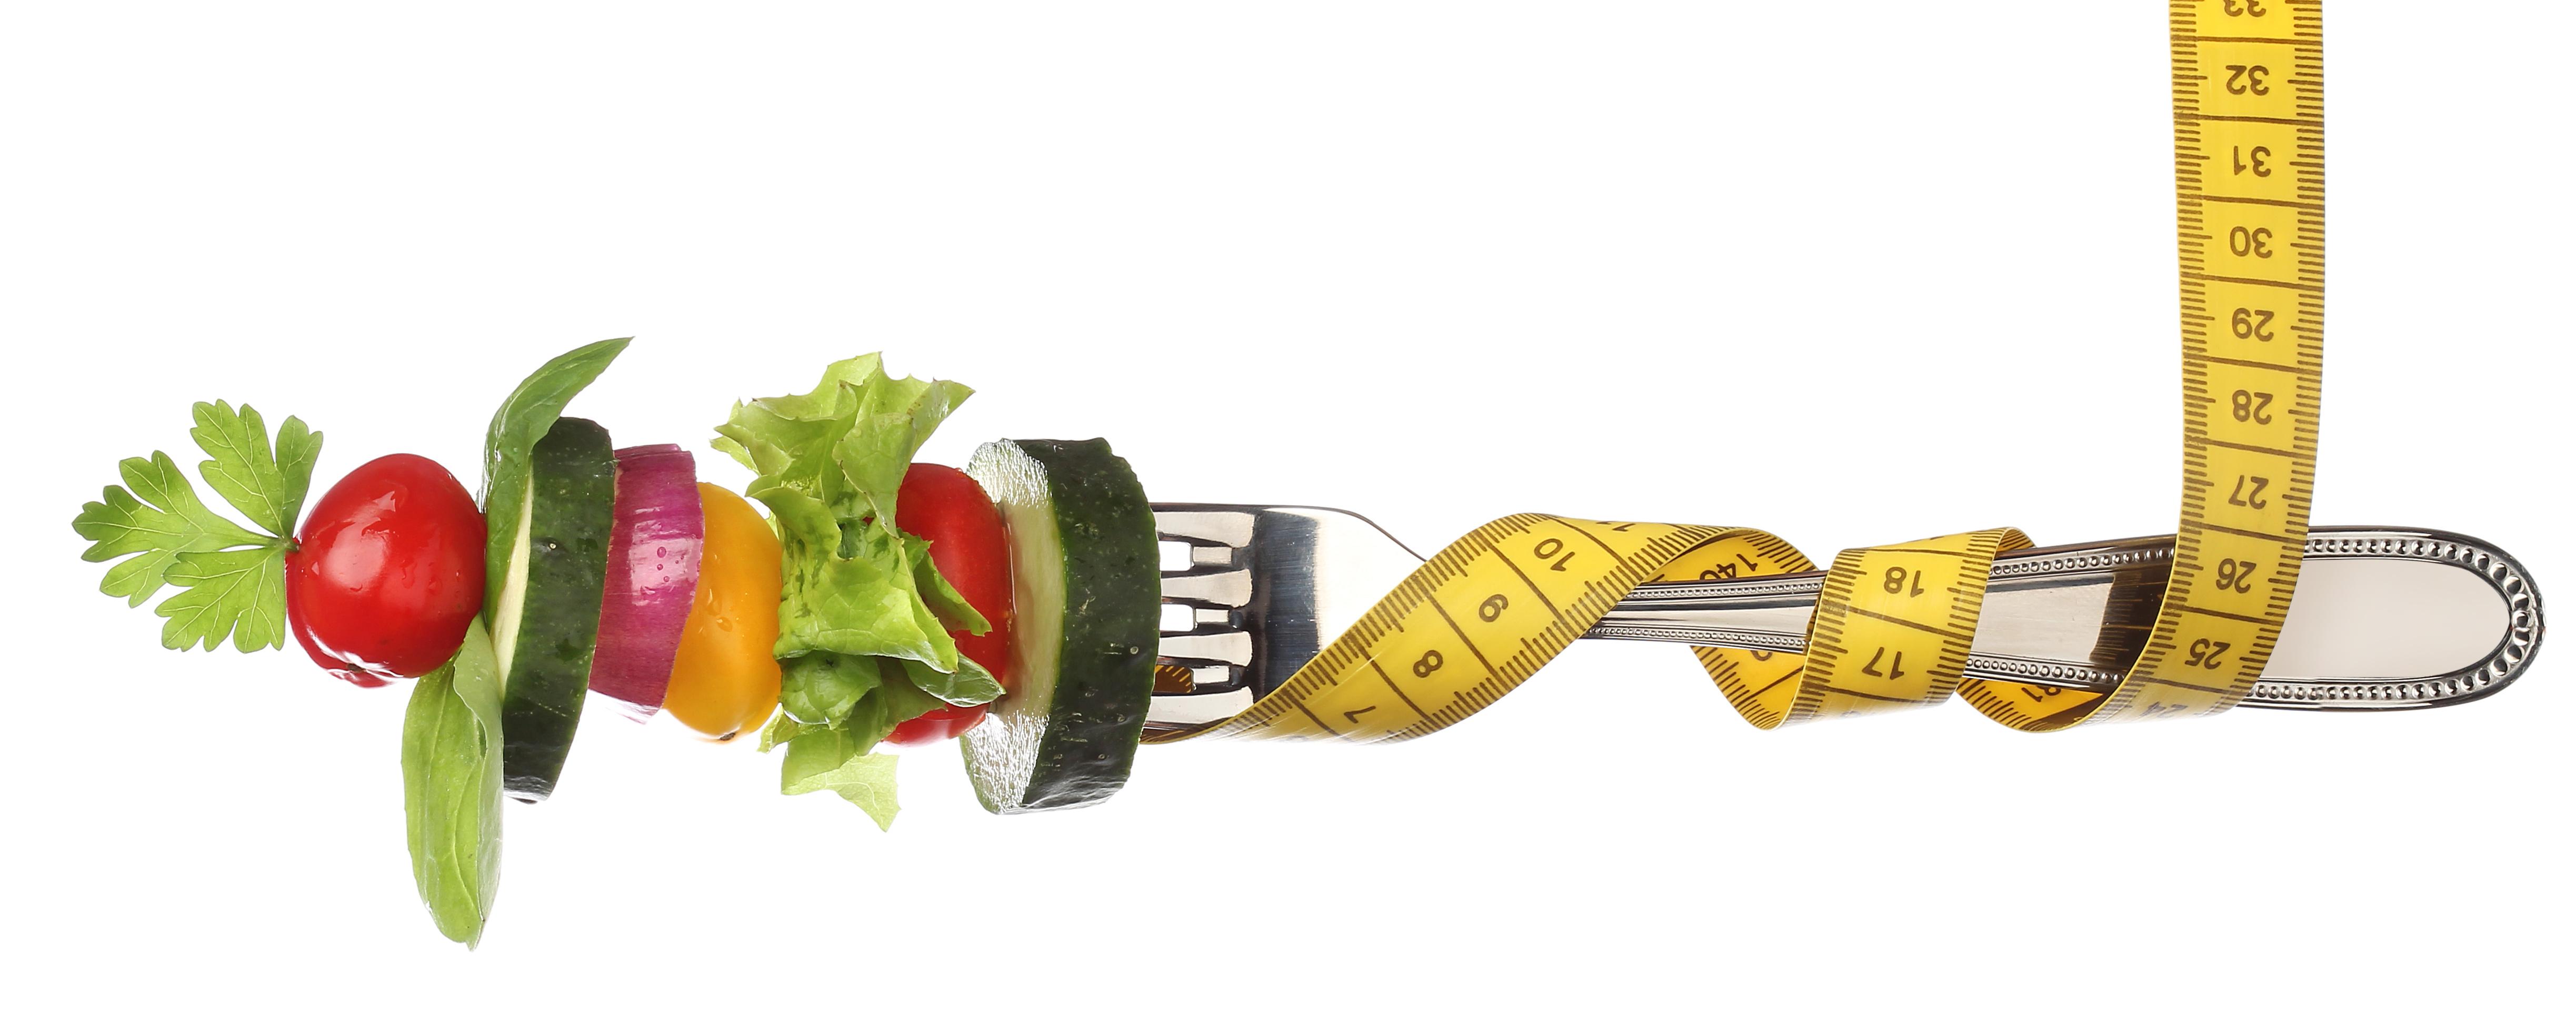 Kako jesti, a smršaviti